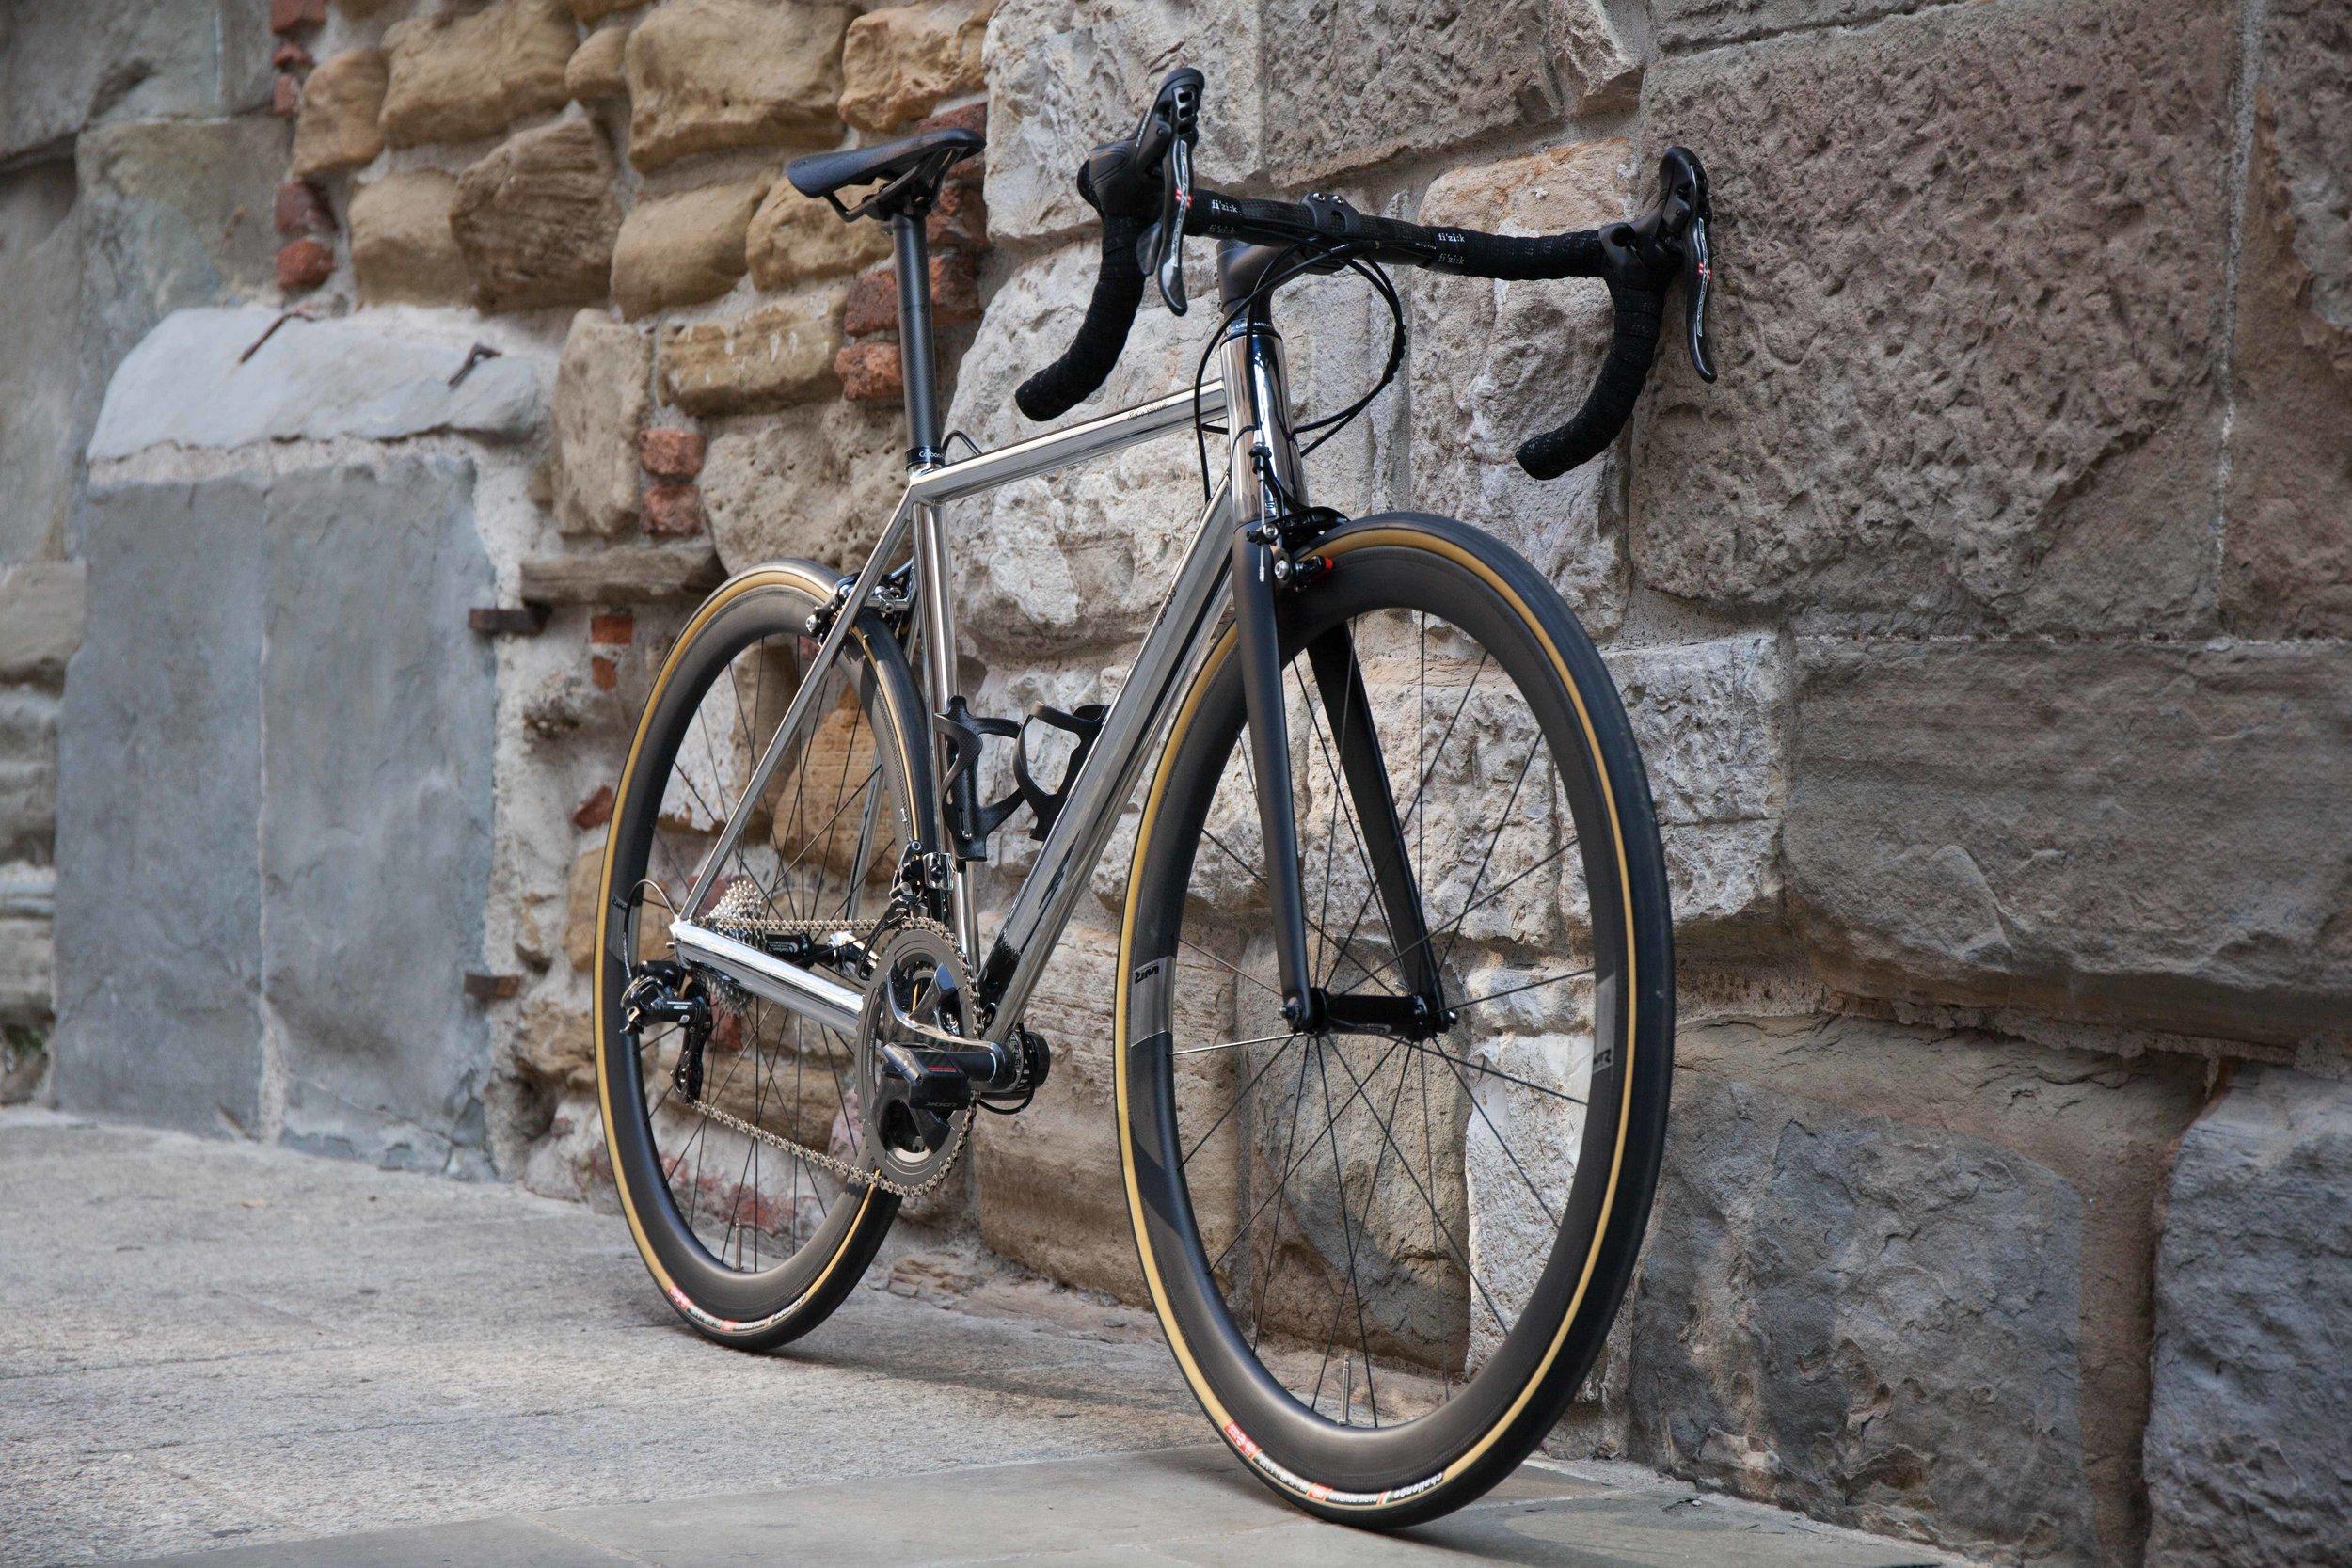 SB03-17044-Full-Bike-Front-Angle.jpg